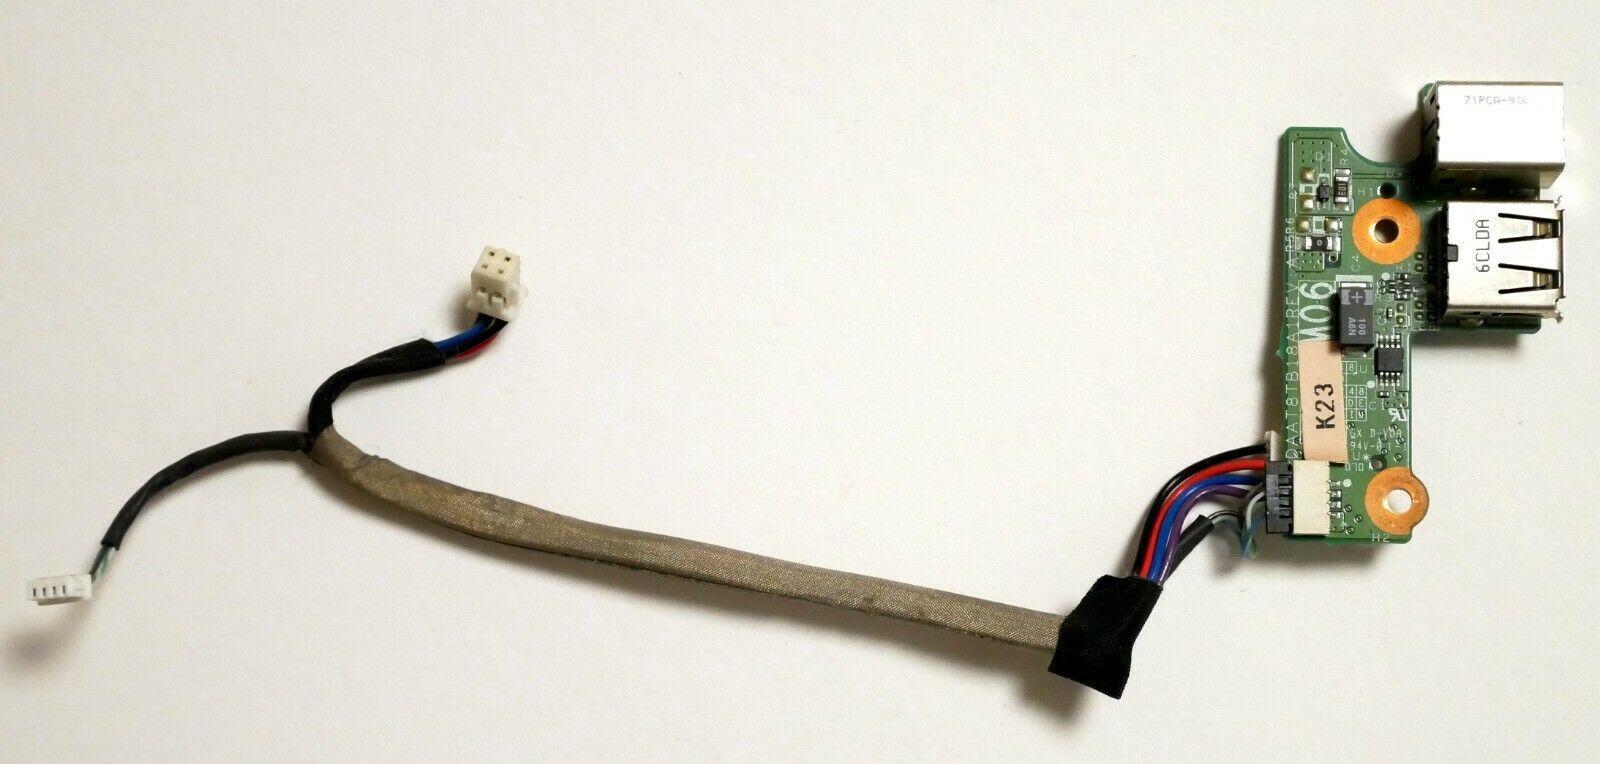 Jack de alimentación de CC con el cable USB Puerto para Tarjetas 90W para HP Pavilion DV6000 portátil envío